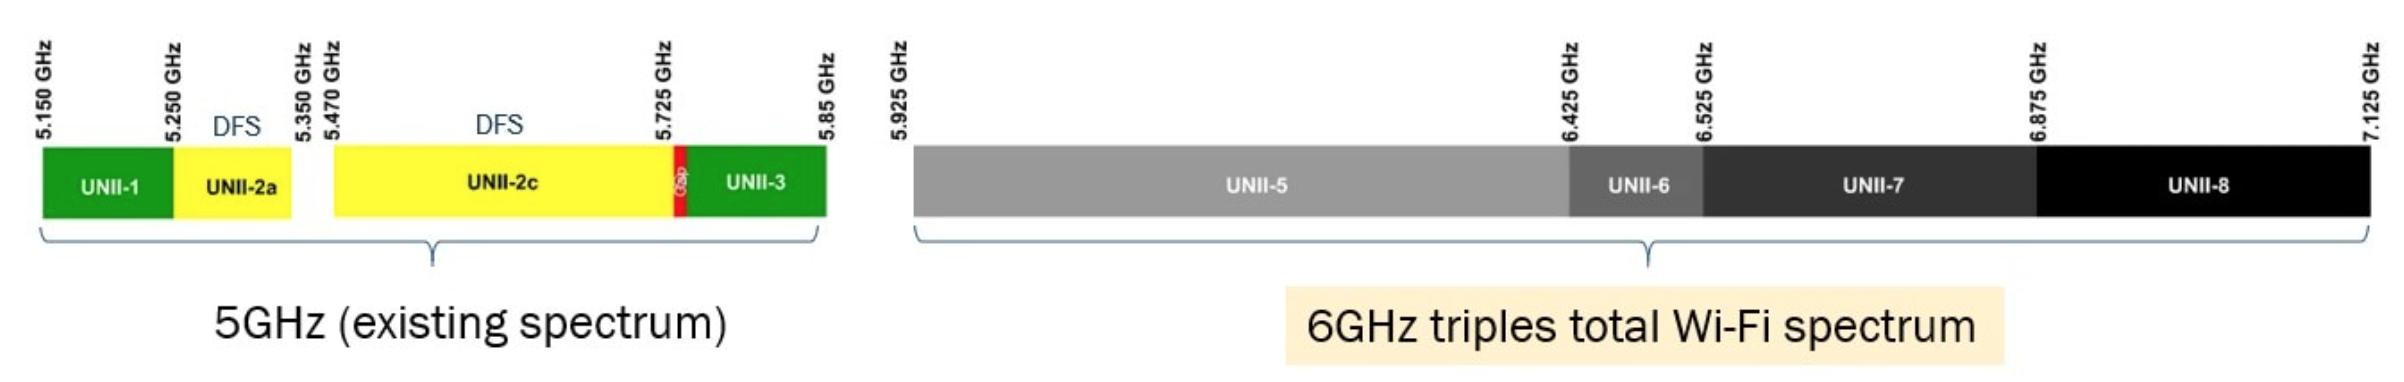 了解无线路由器、网状网络和向Wi-Fi 6的过渡1